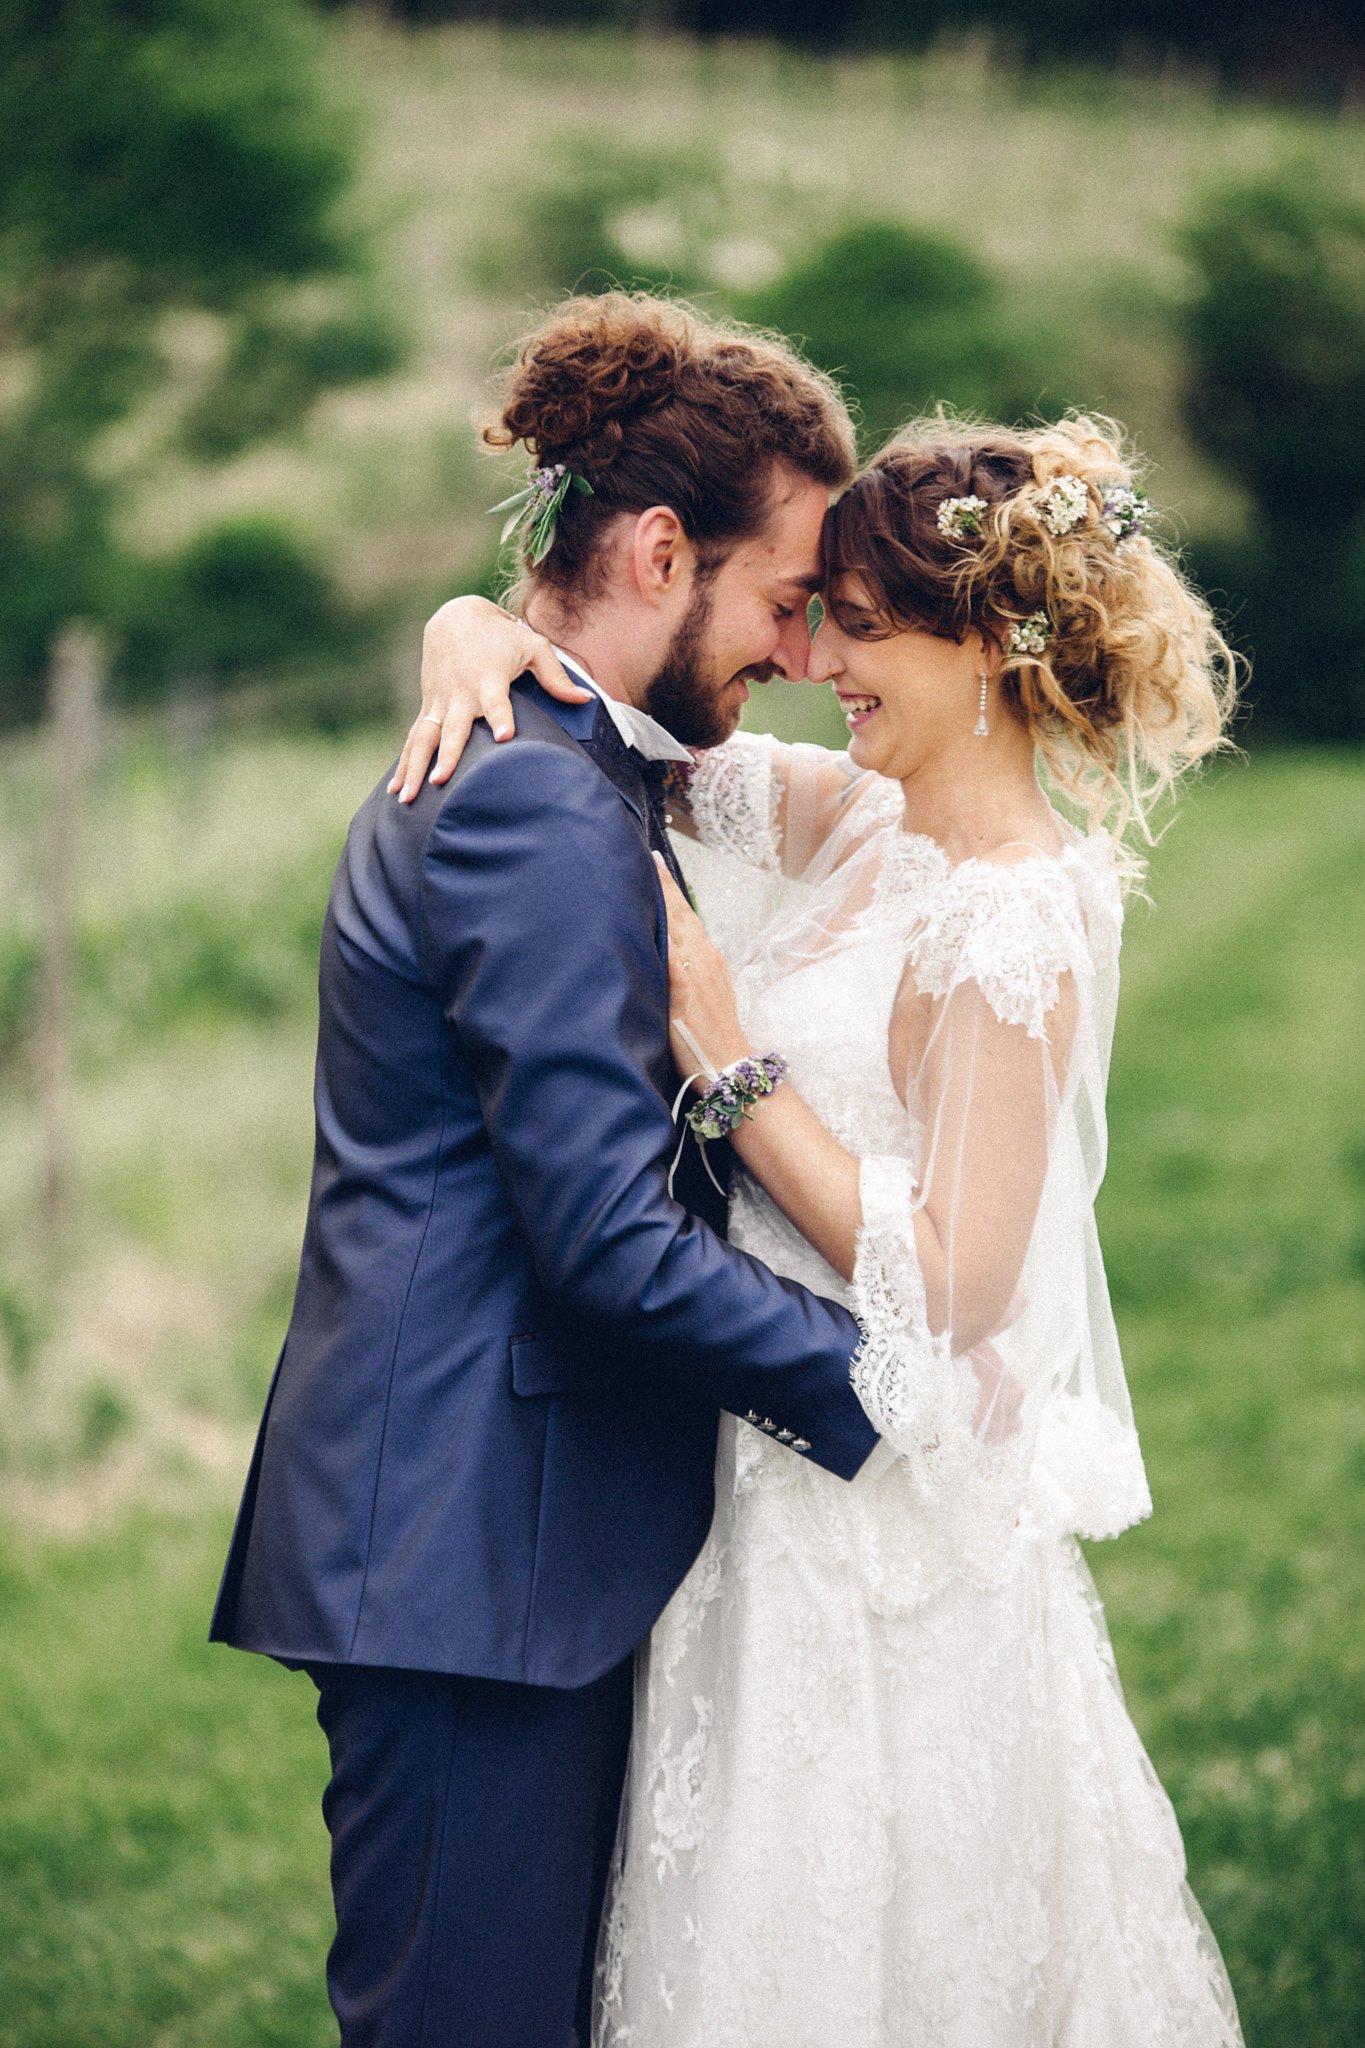 Haarschmuck und Florale Armbänder